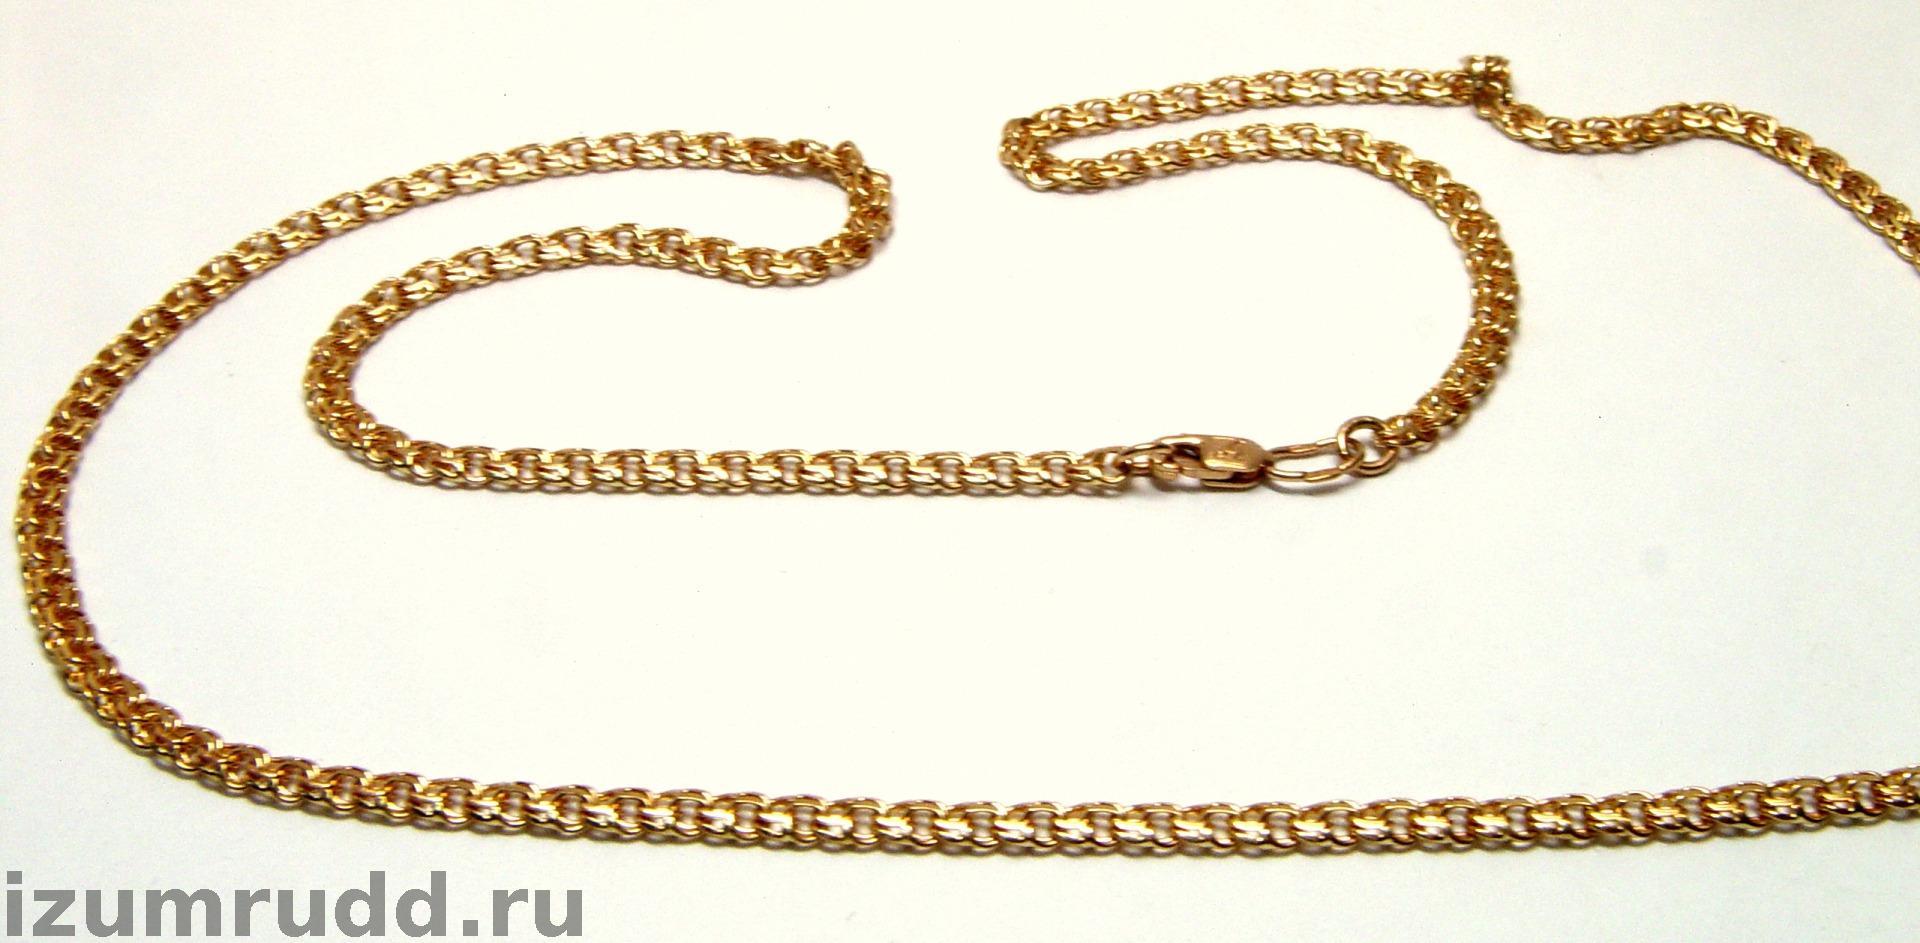 Золотая цепочка плетение бисмарк 55 см